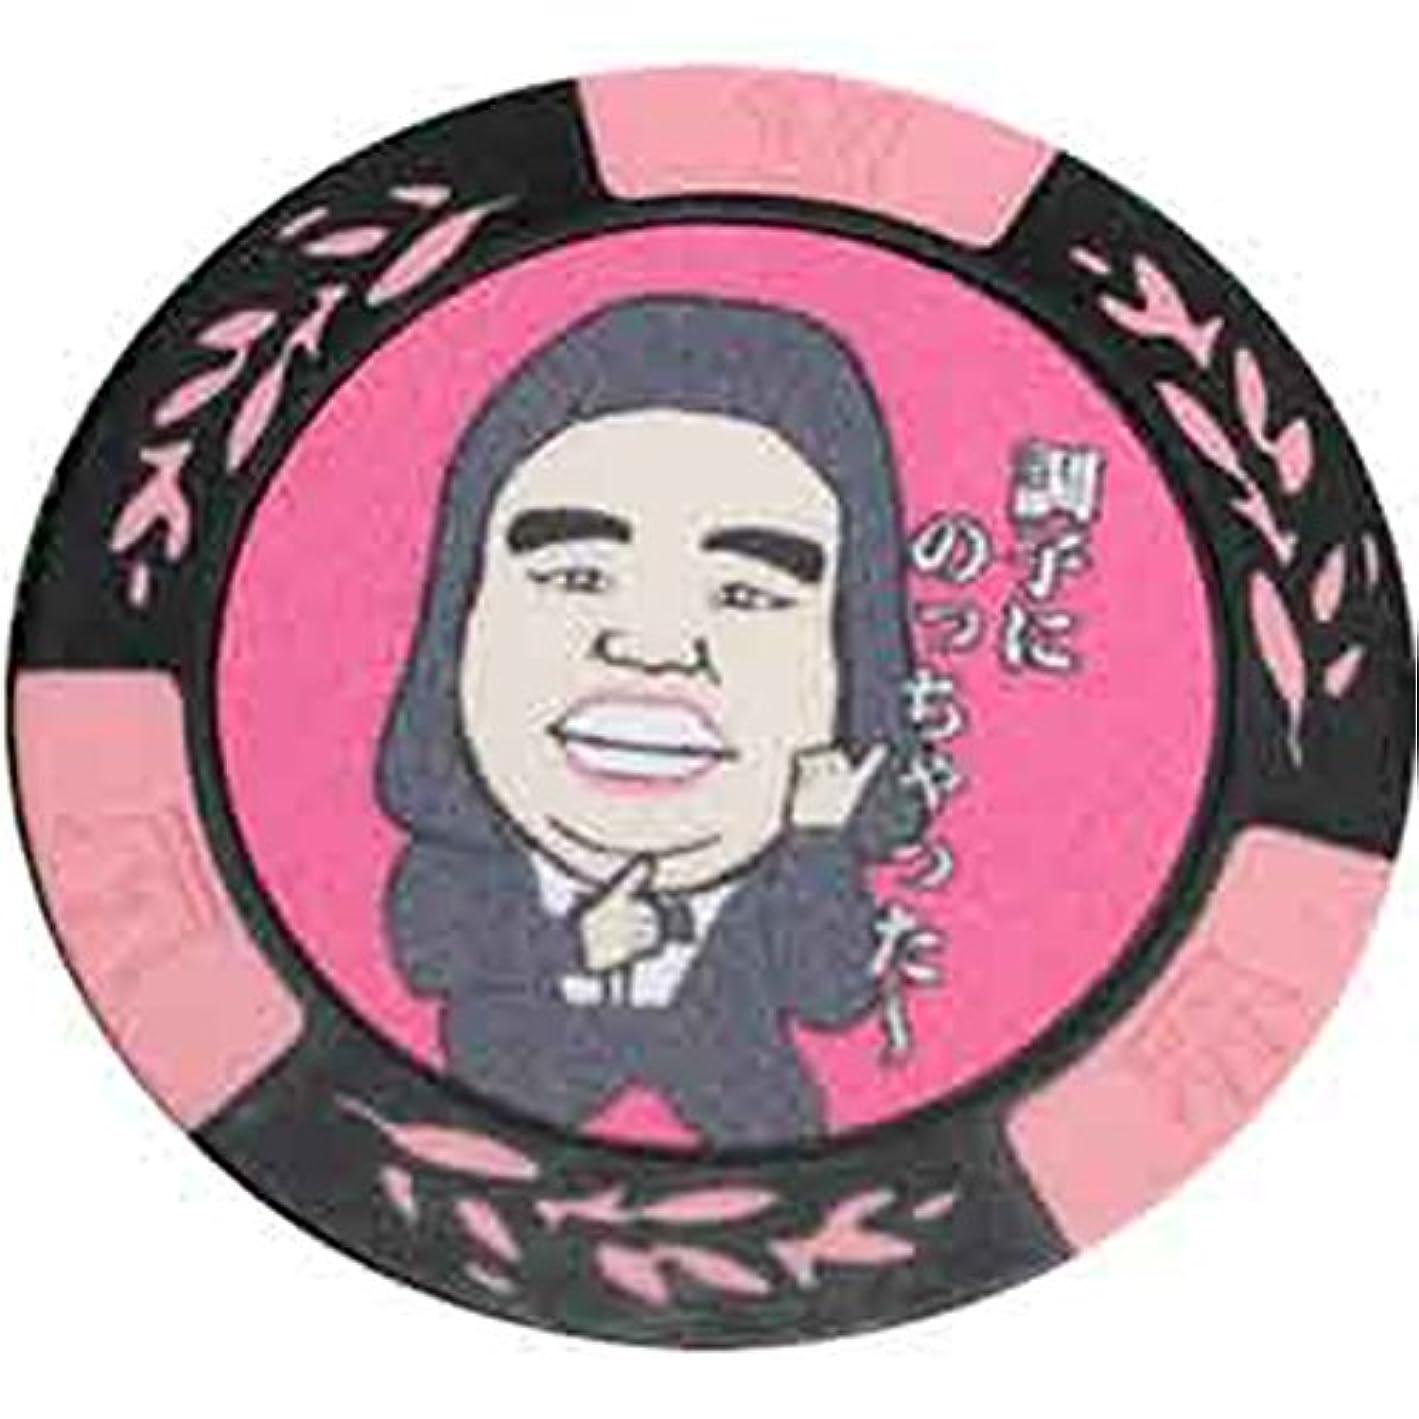 外交夢定説その他メーカー その他 ラウンド小物 調子に乗っちゃった カジノチップマーカー ピンク